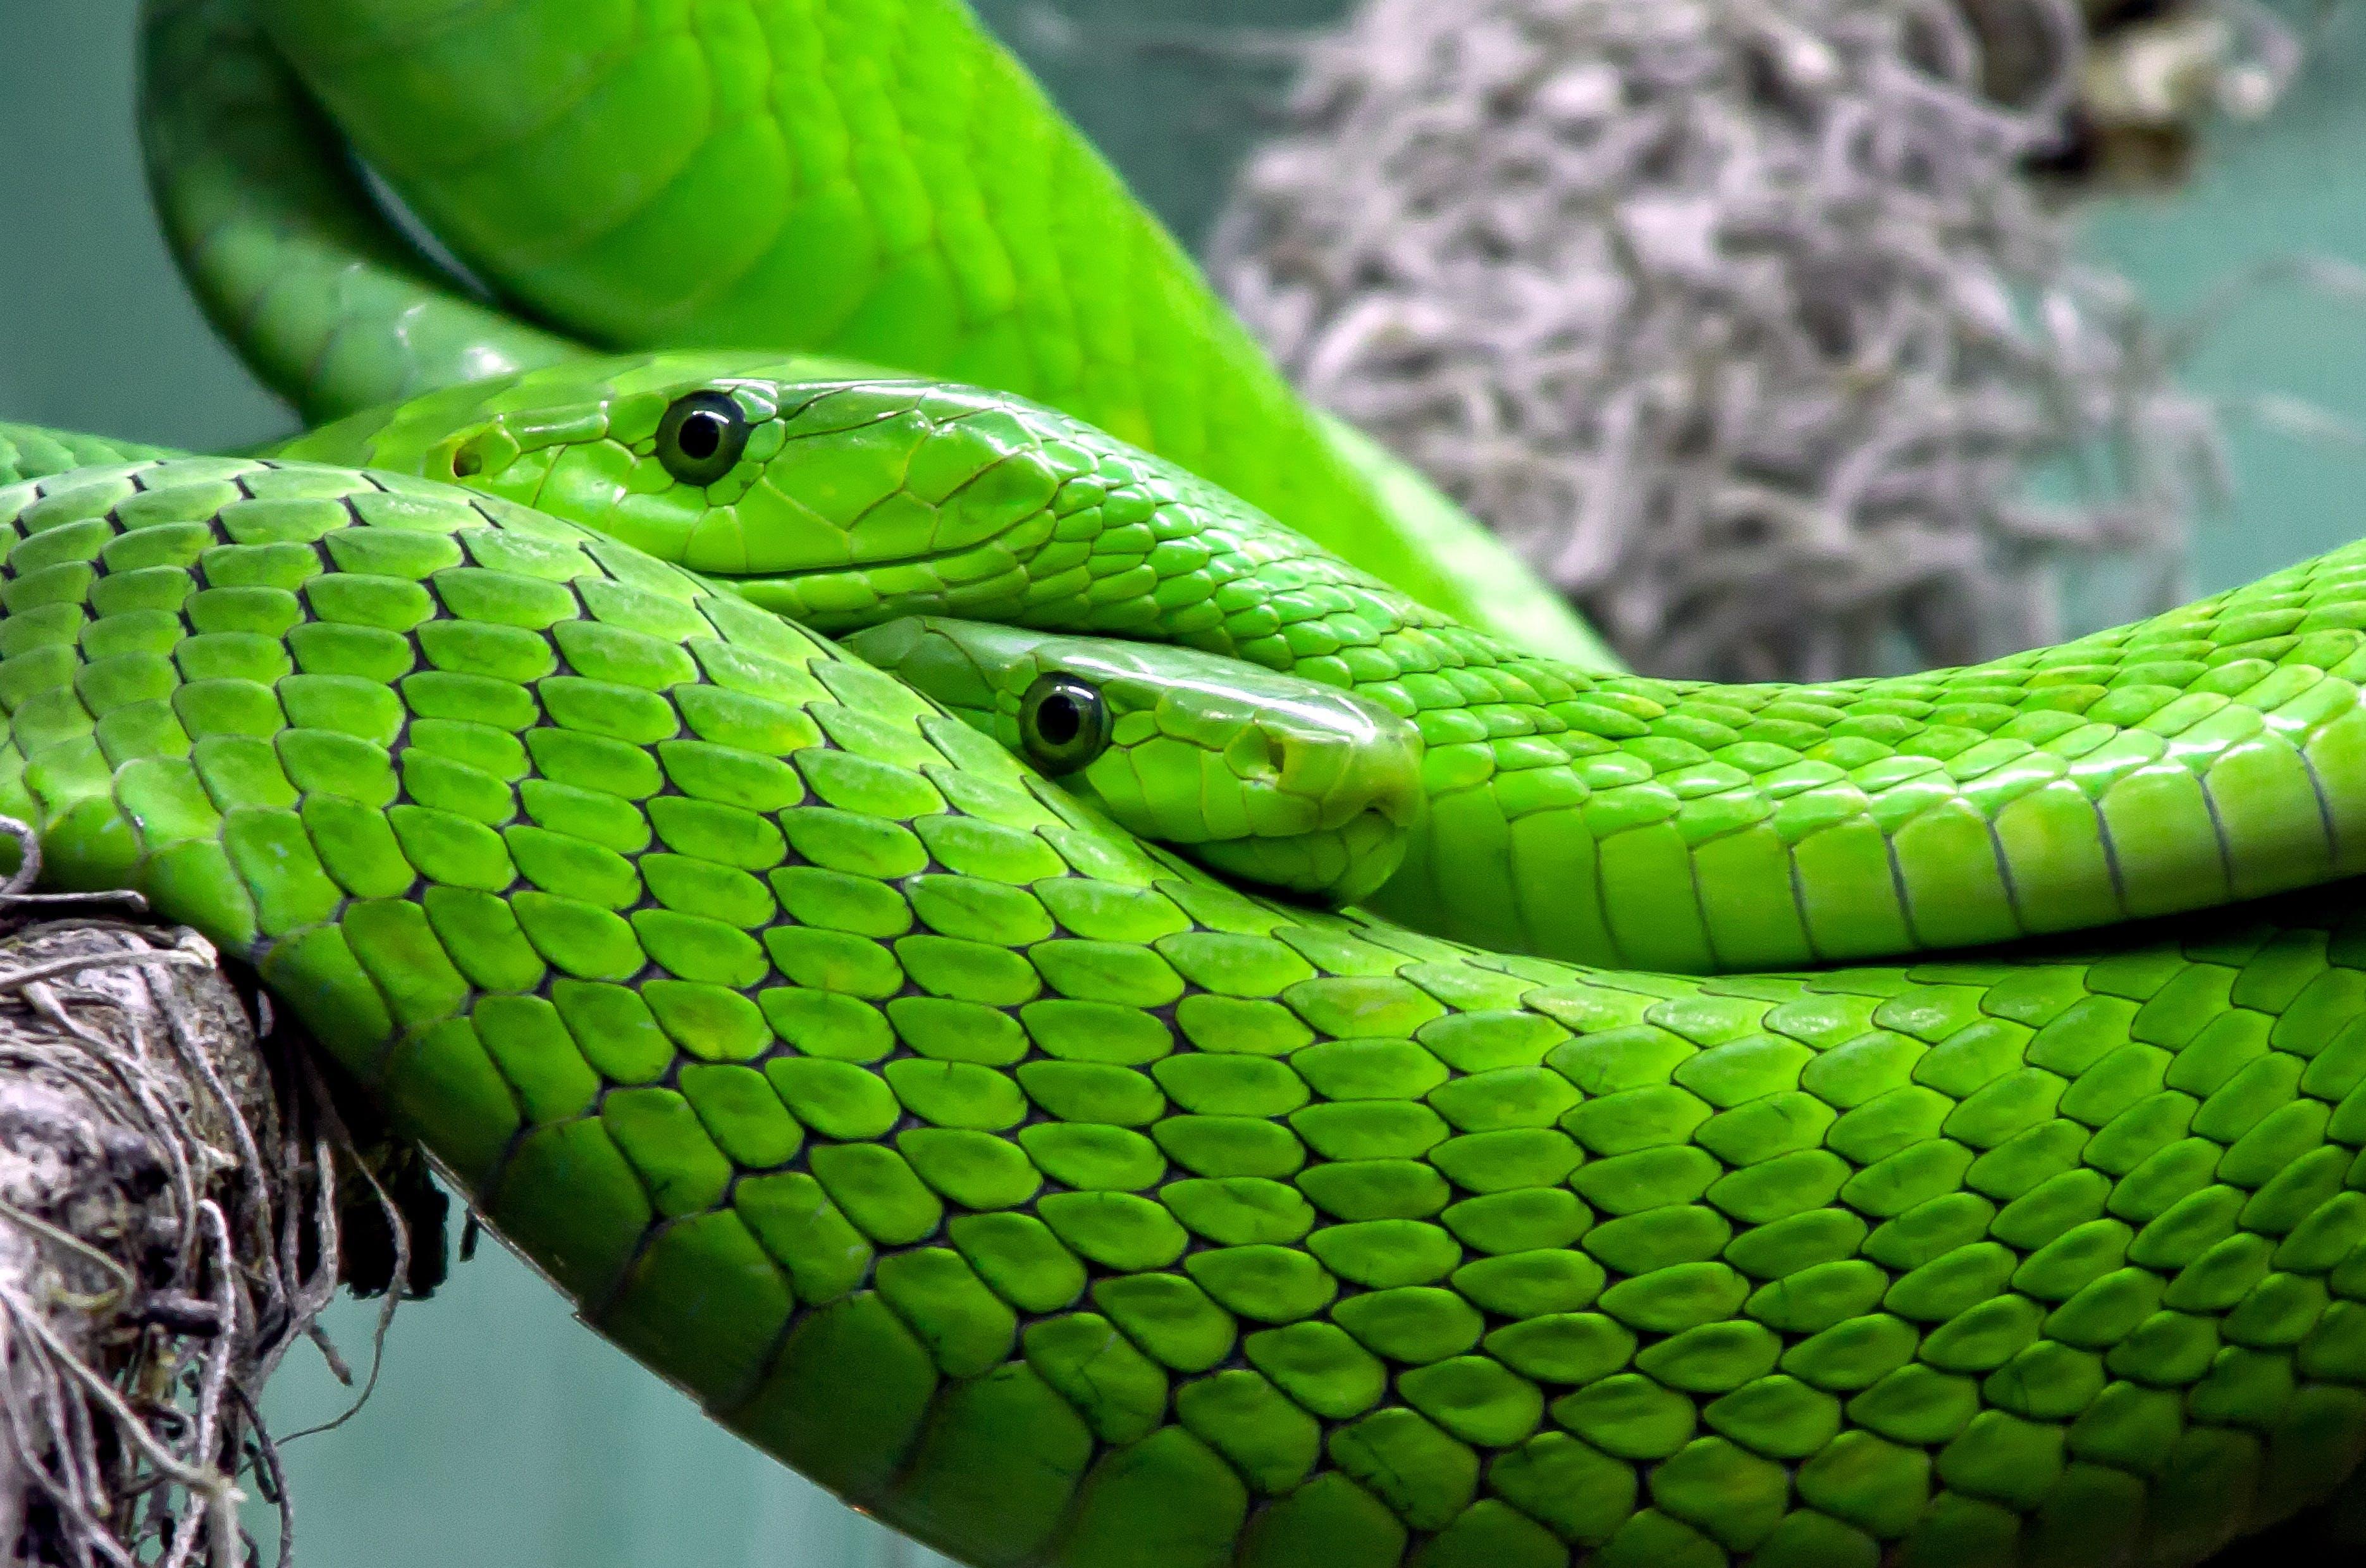 Kostenloses Stock Foto zu eidechse, gift, giftig, grün mamba